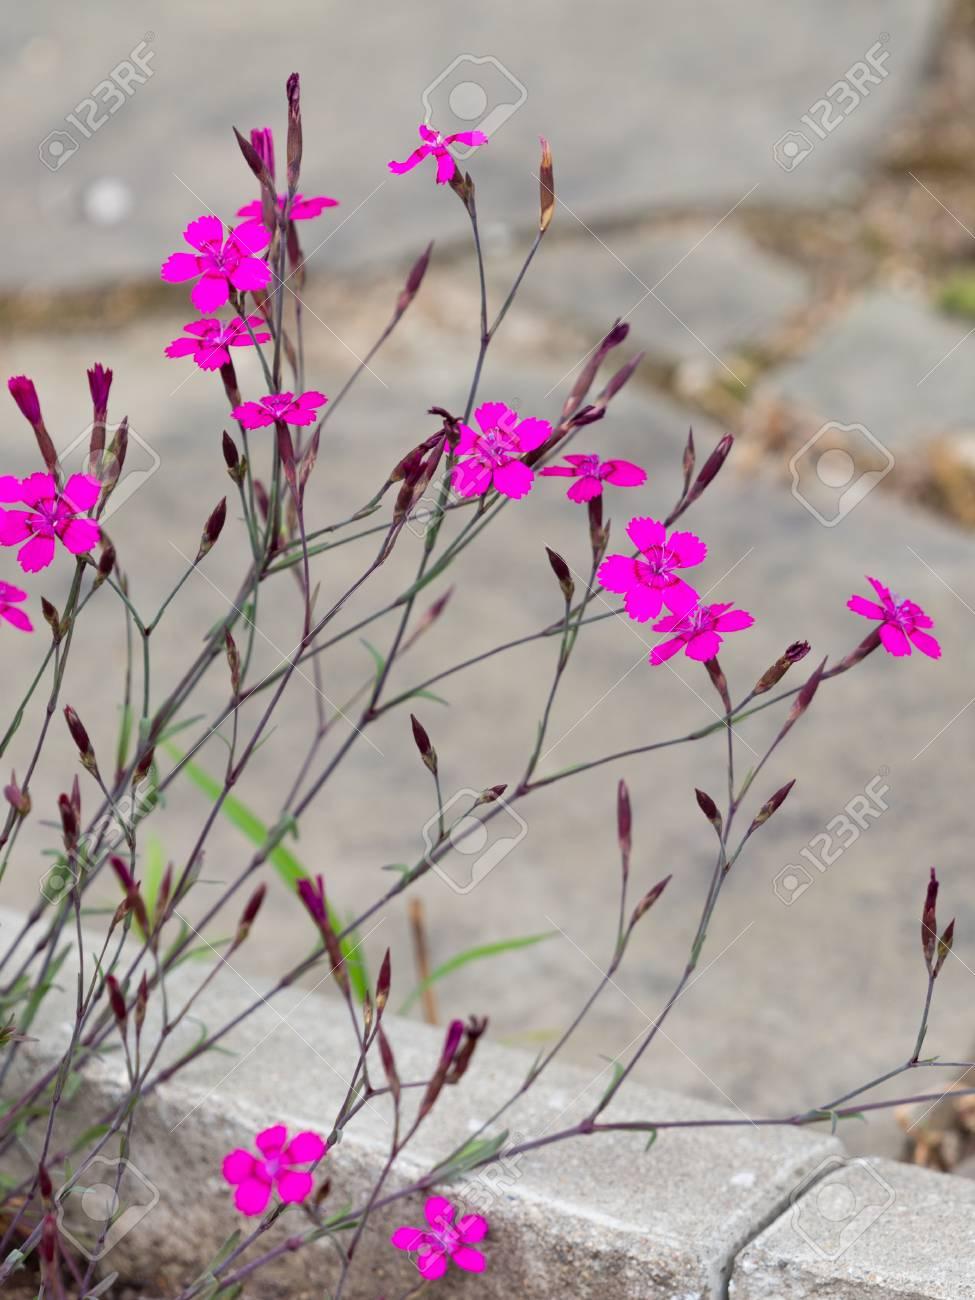 Petites fleurs odorantes lumineux ?illet sauvage violet-rose dans le jardin  un matin d\'été sur le fond du trottoir et de la passerelle en pierre